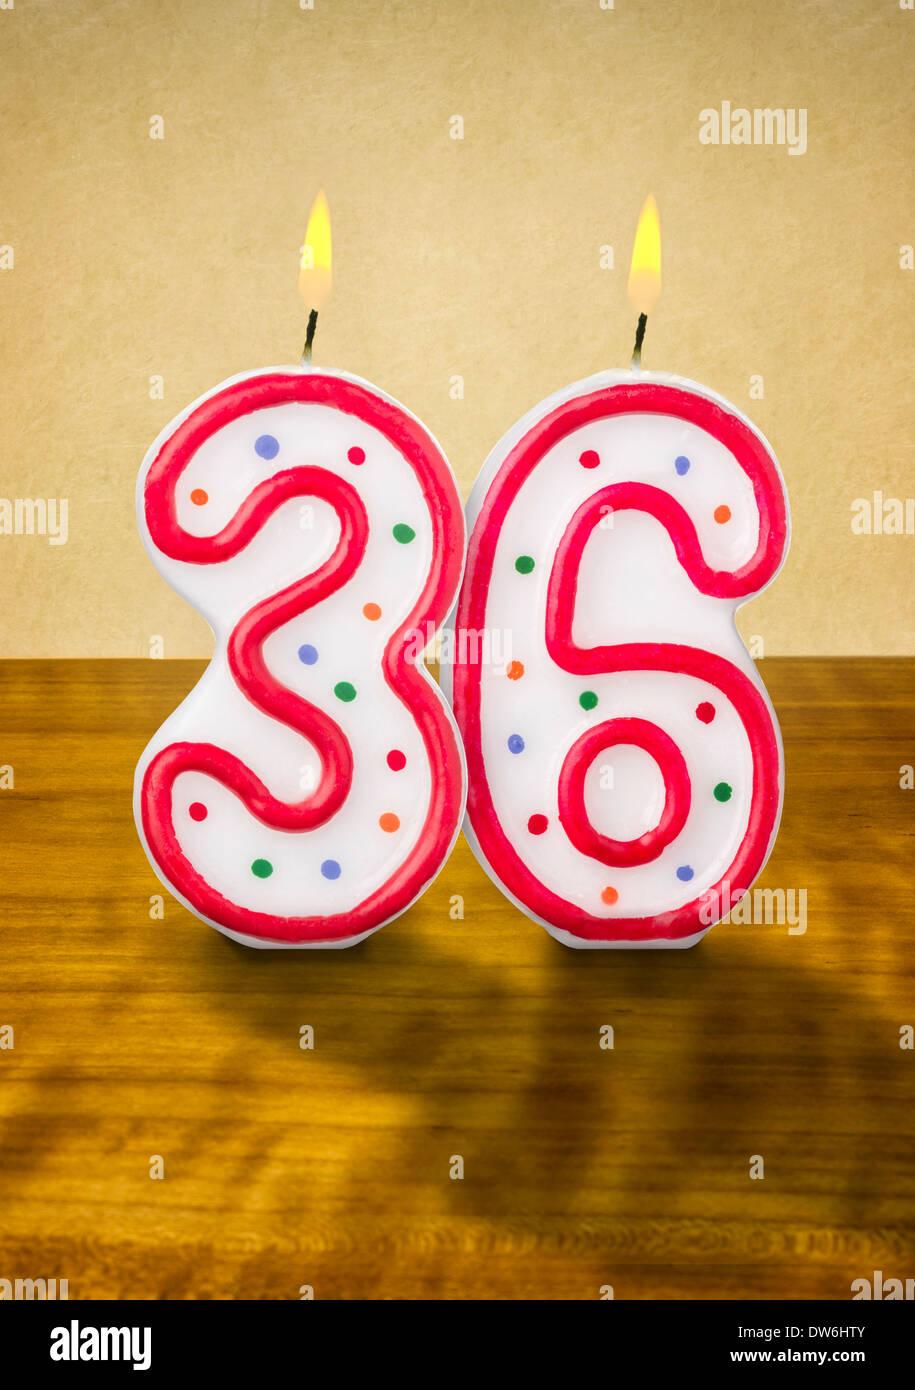 Днем рождения, 36 лет день рождения картинки